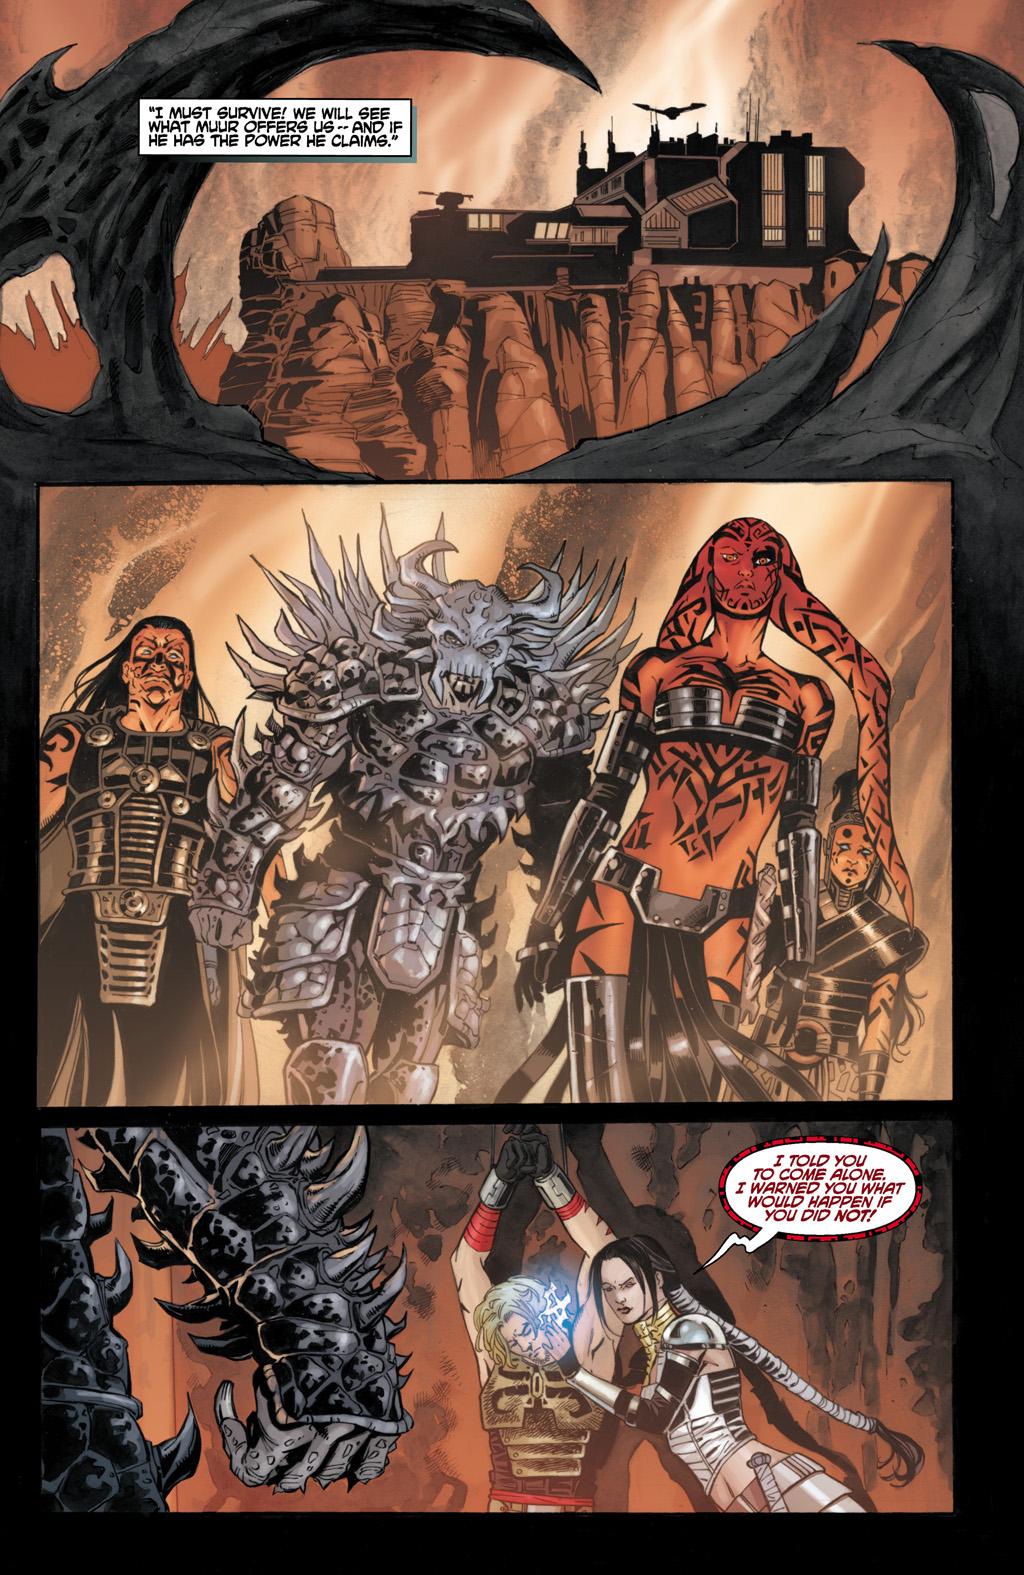 Comic-Only Fights Adapted To Novel Format ESiFhFSoidQ_UIs6Q0v9WMcsjhQ4USlcYuYN-Z7NmBj5BN1mXbLn9hIX4FhlOxvHRIaD7SNB2v4=s1600